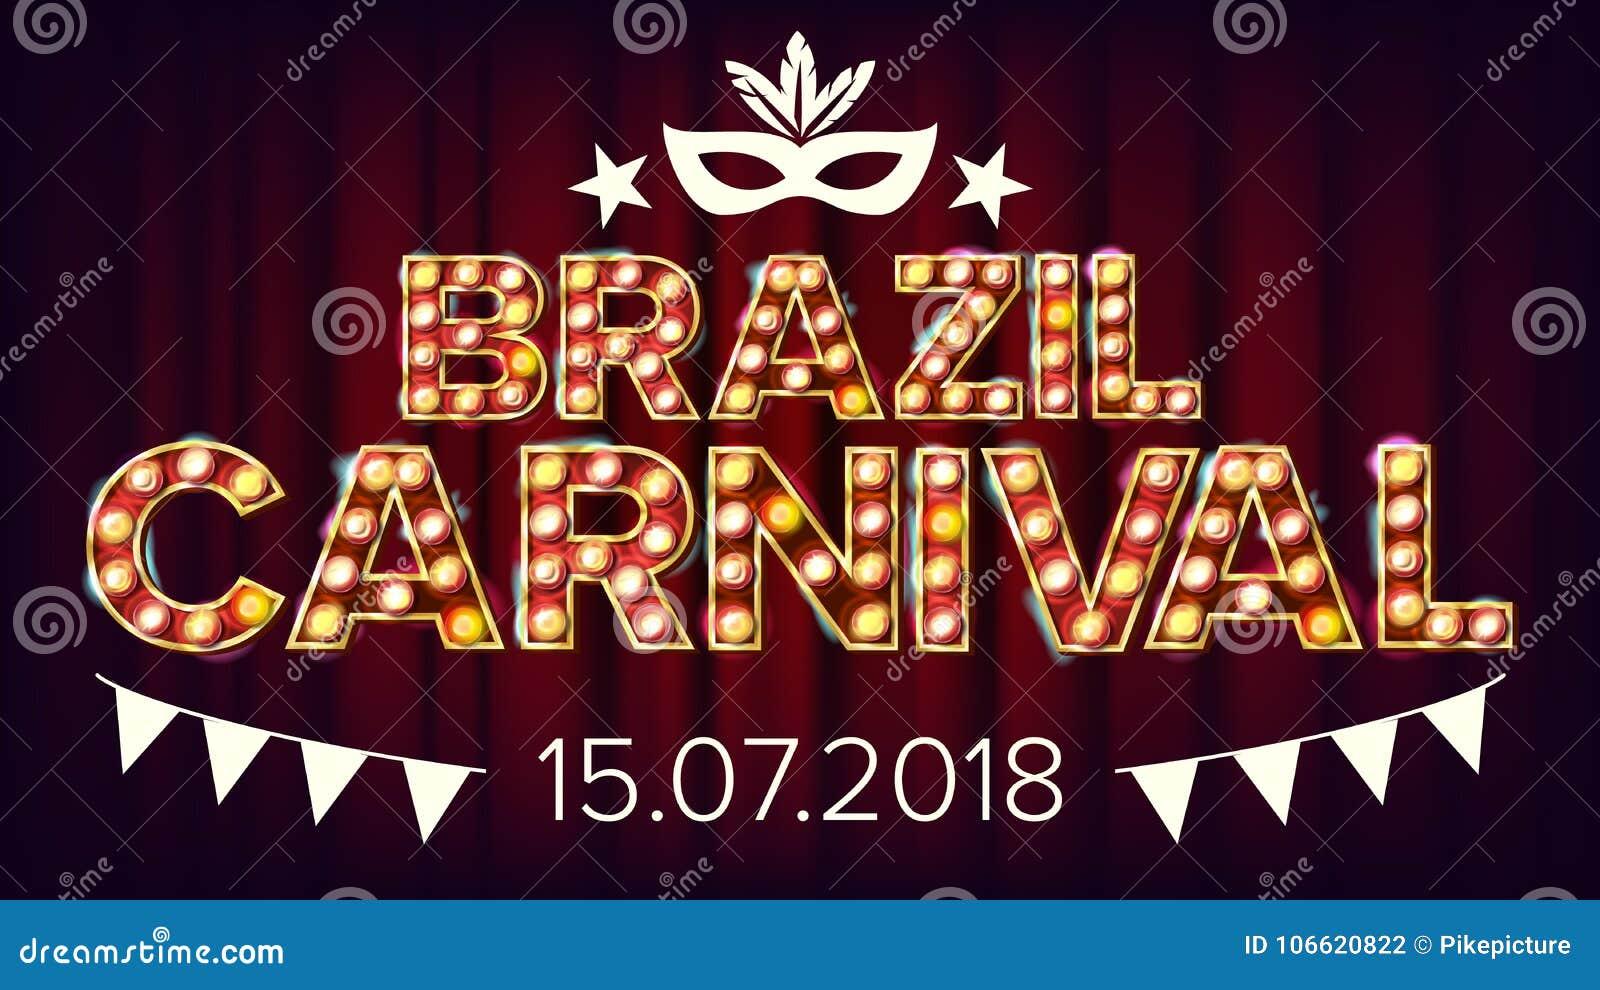 巴西狂欢节横幅传染媒介 狂欢节灯背景 对音乐党横幅设计 减速火箭的例证